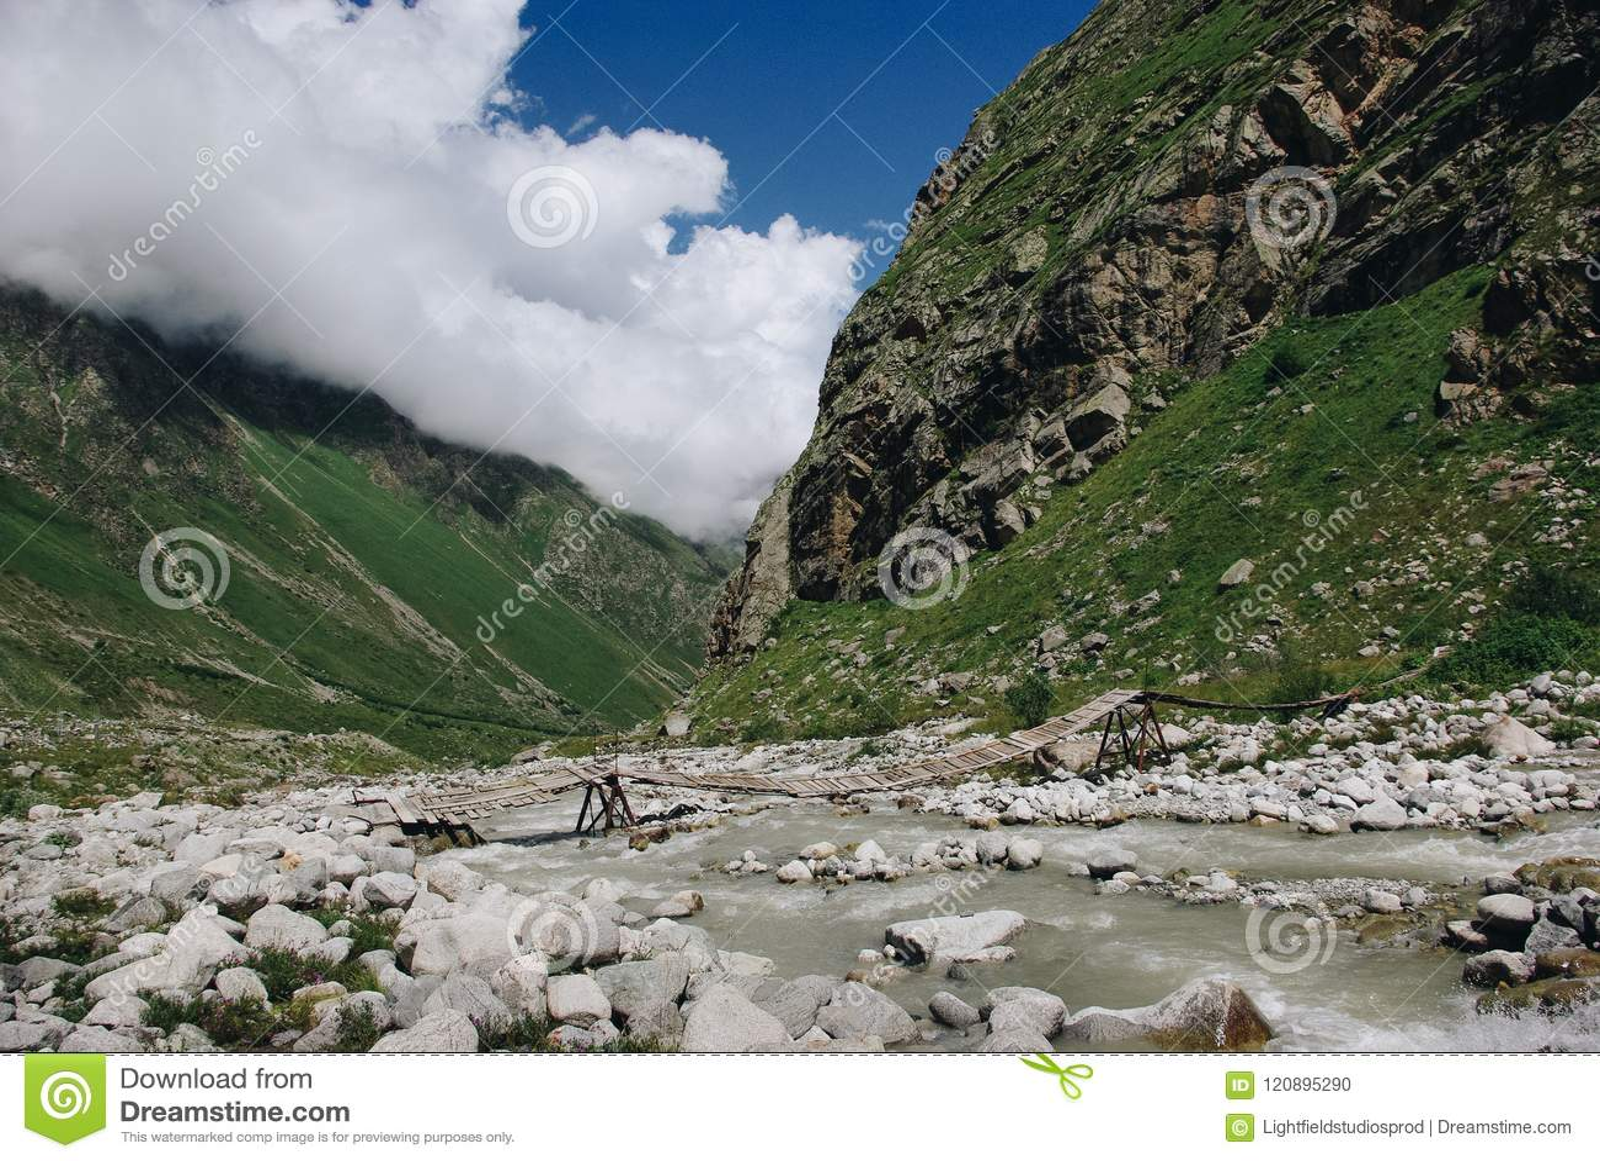 река деревянного моста и горы, Российская Федерация, Кавказ,